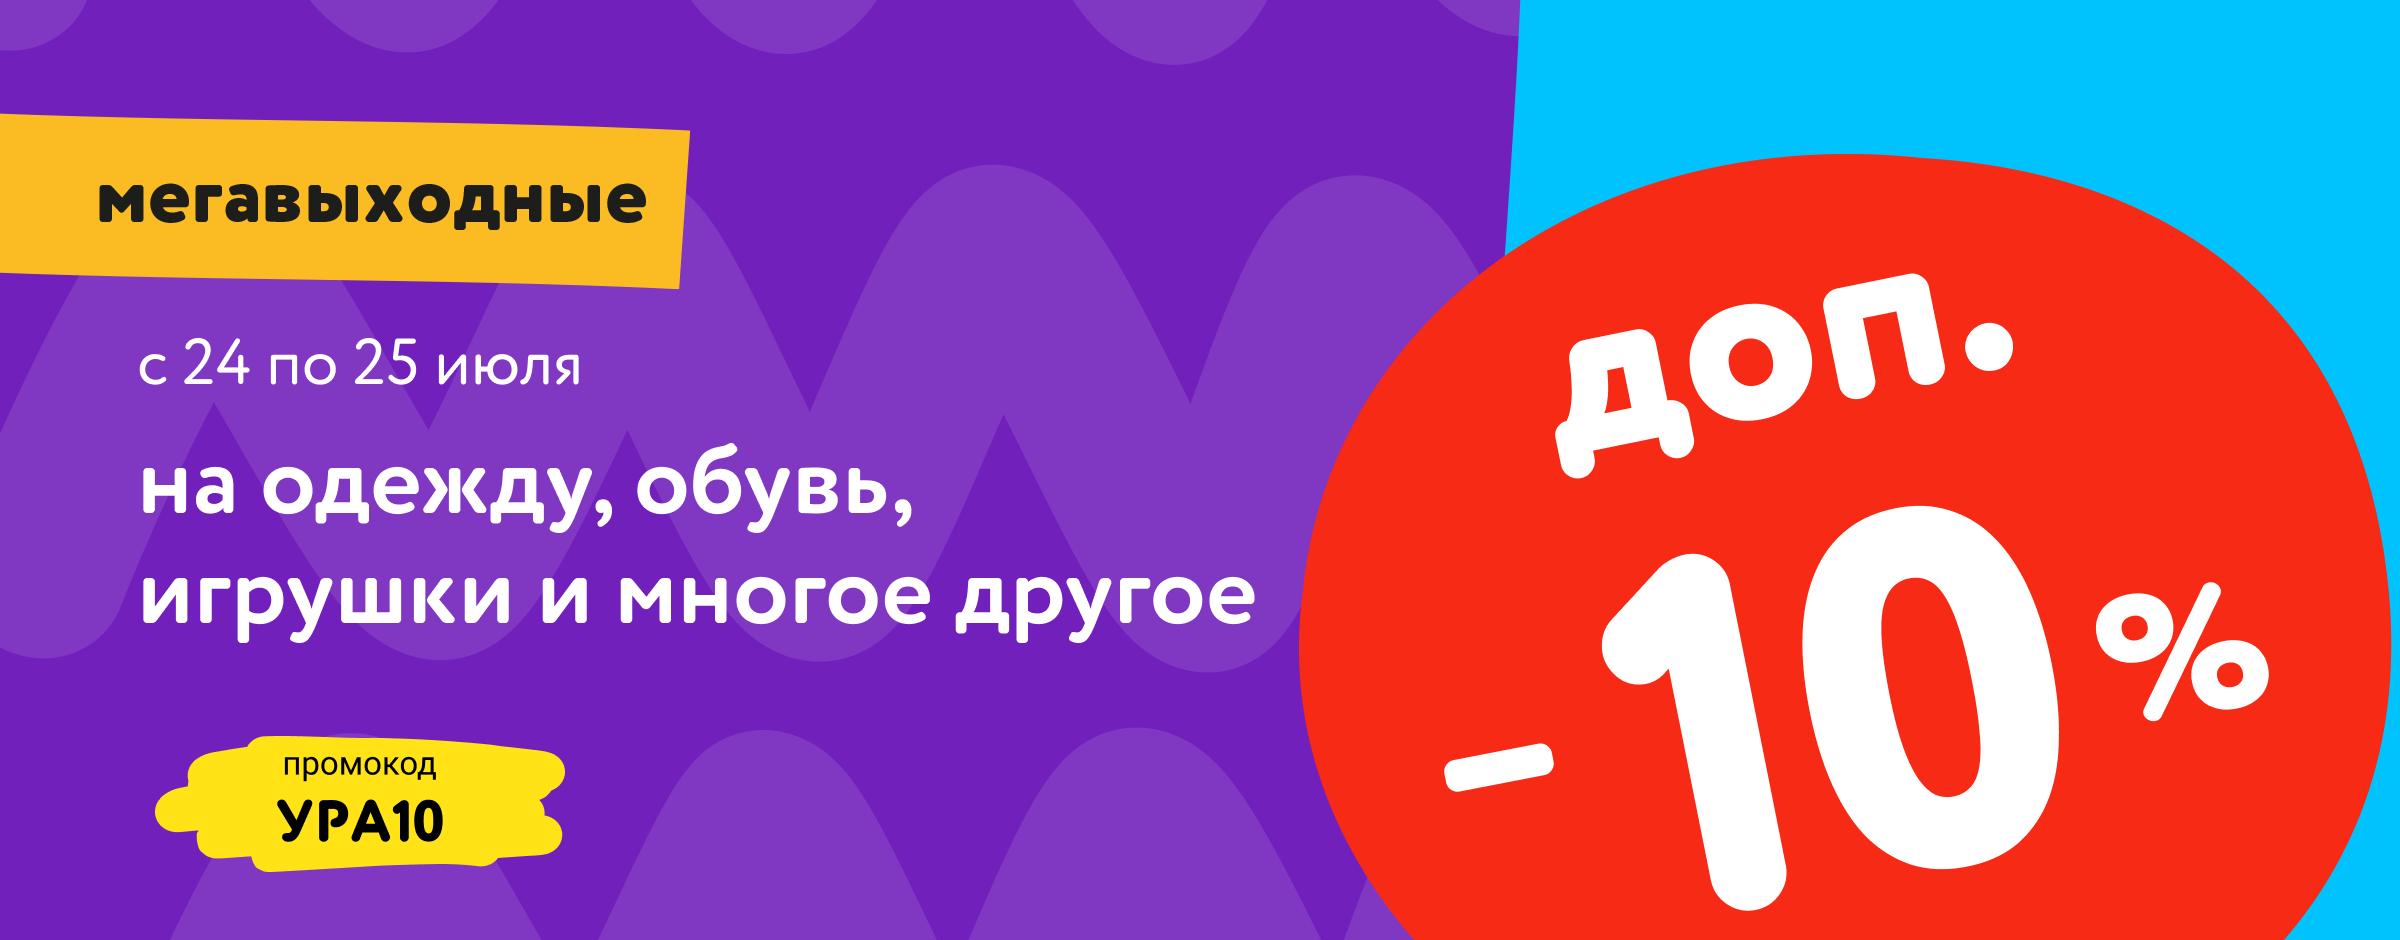 Доп. скидка 10% на одежду, обувь, игрушки и многое другое по промокоду УРА10